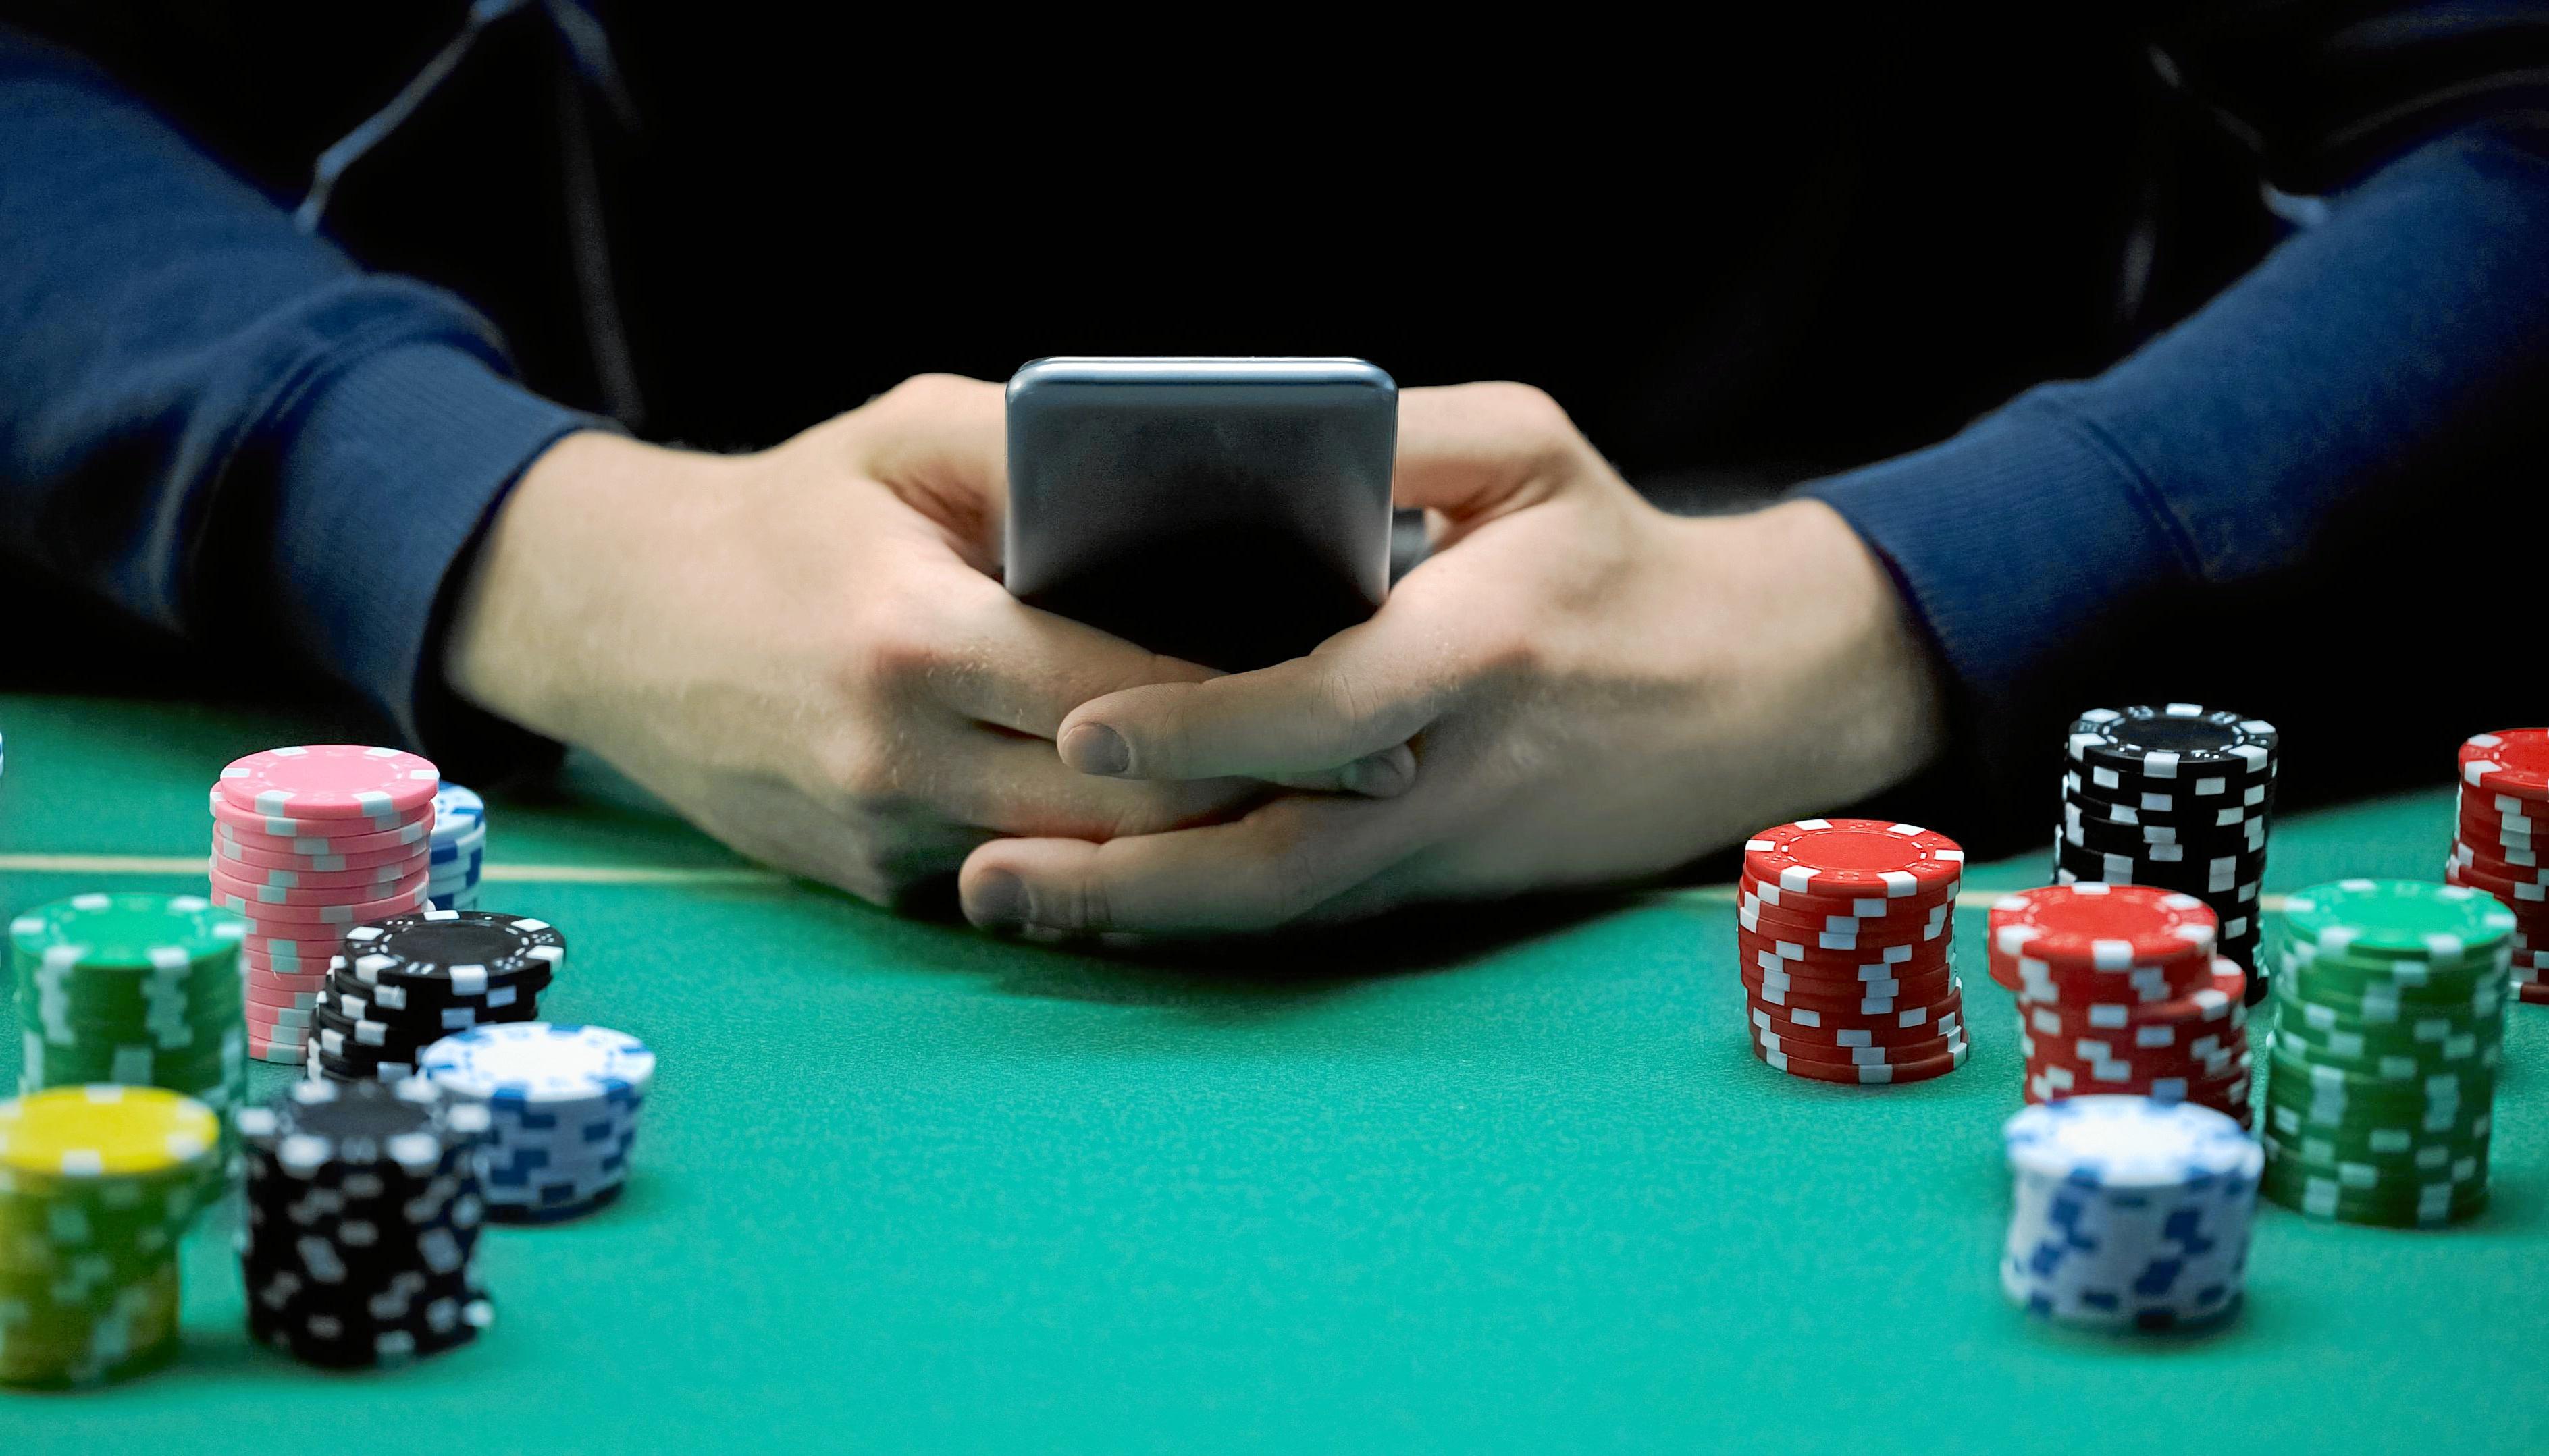 Según la OMS, la adicción al juego puede ser tan dañiña como la del alcohol